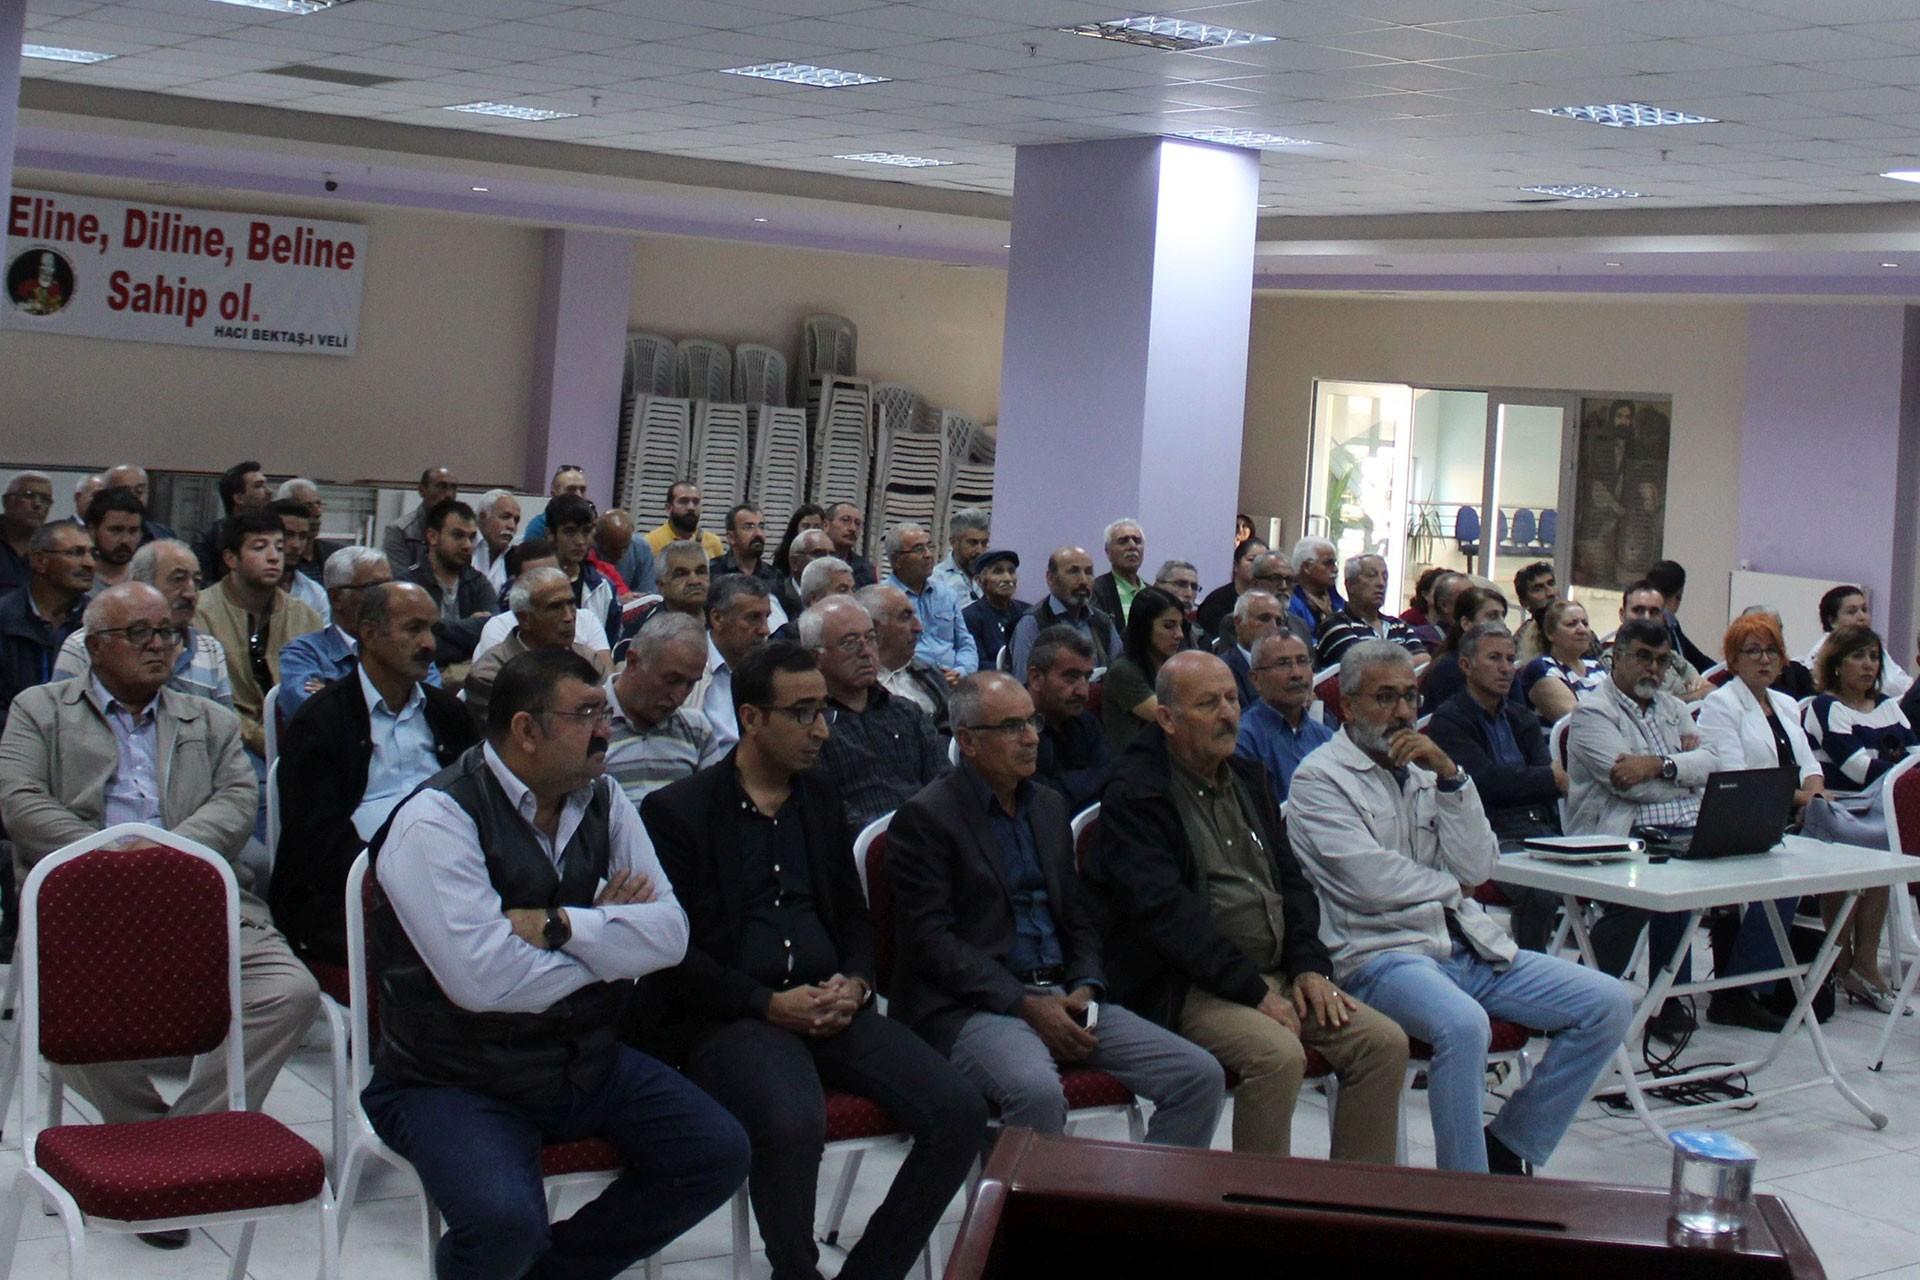 Kayseri'de 10 Ekim anması: Barışın sesini yükseltmeliyiz